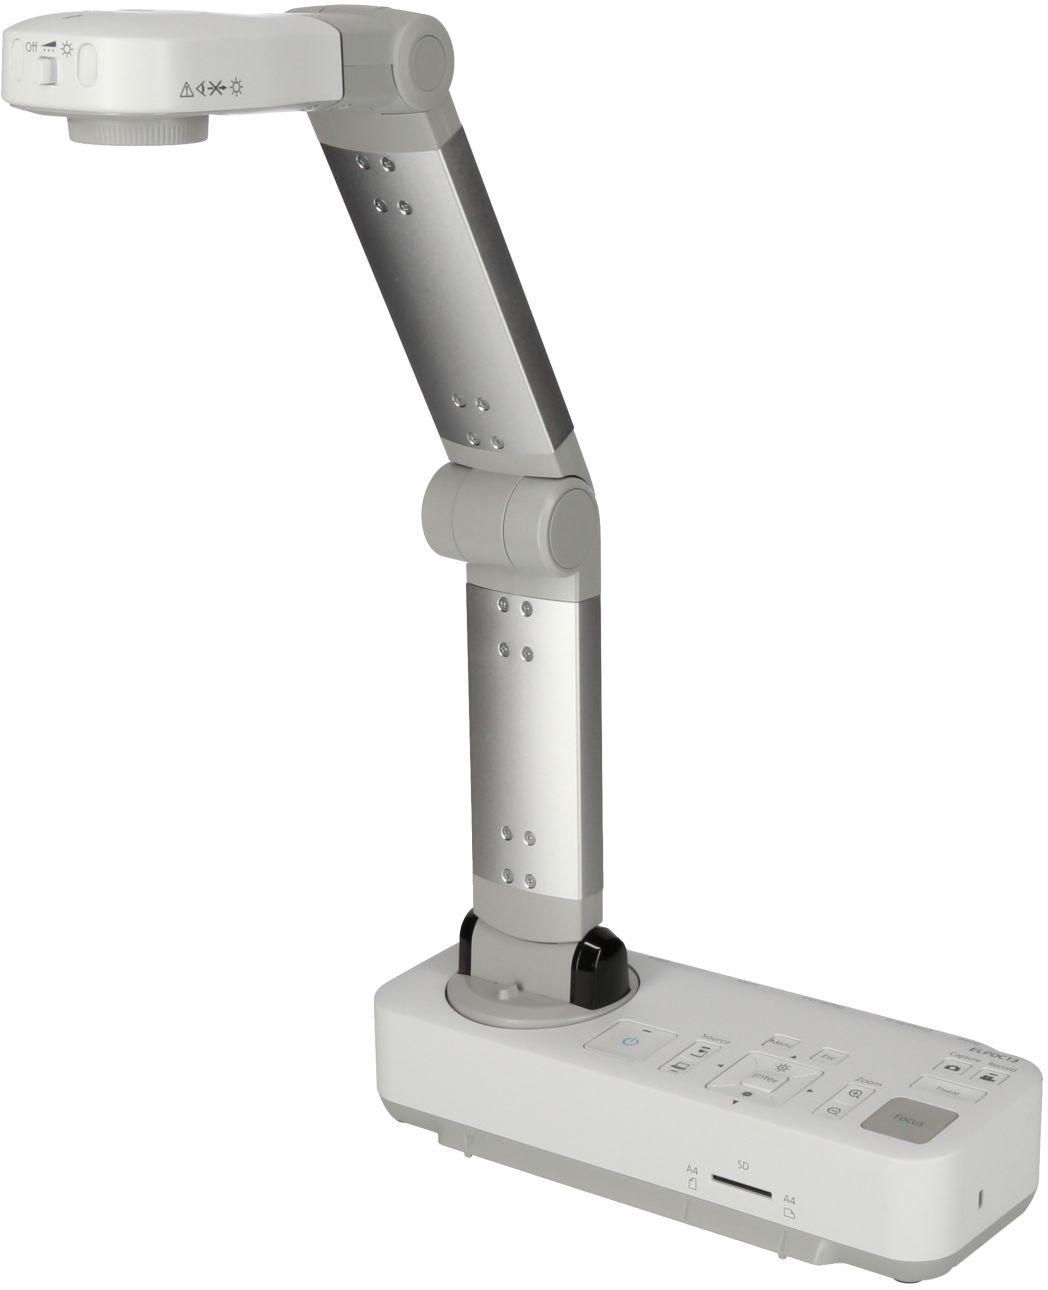 Epson ELPDC13 wizualizer 1080p 30fps